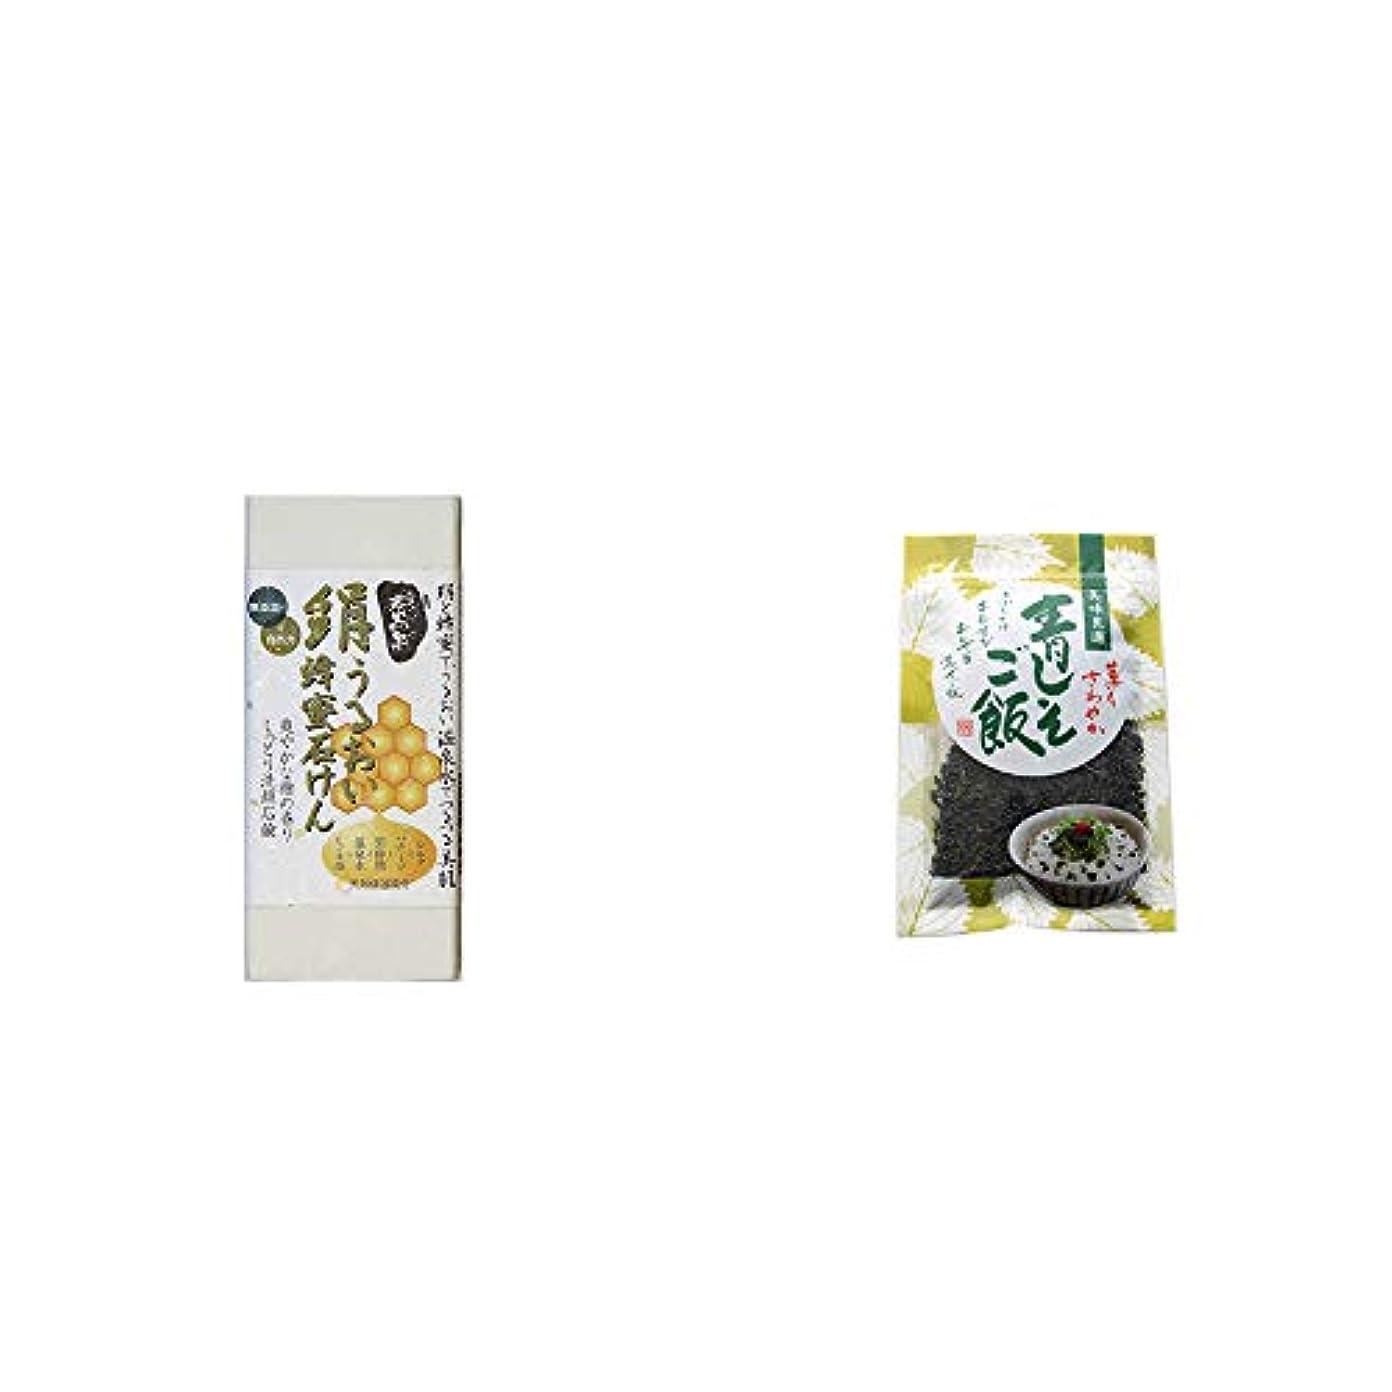 キャスト属性意味する[2点セット] ひのき炭黒泉 絹うるおい蜂蜜石けん(75g×2)?薫りさわやか 青しそご飯(80g)